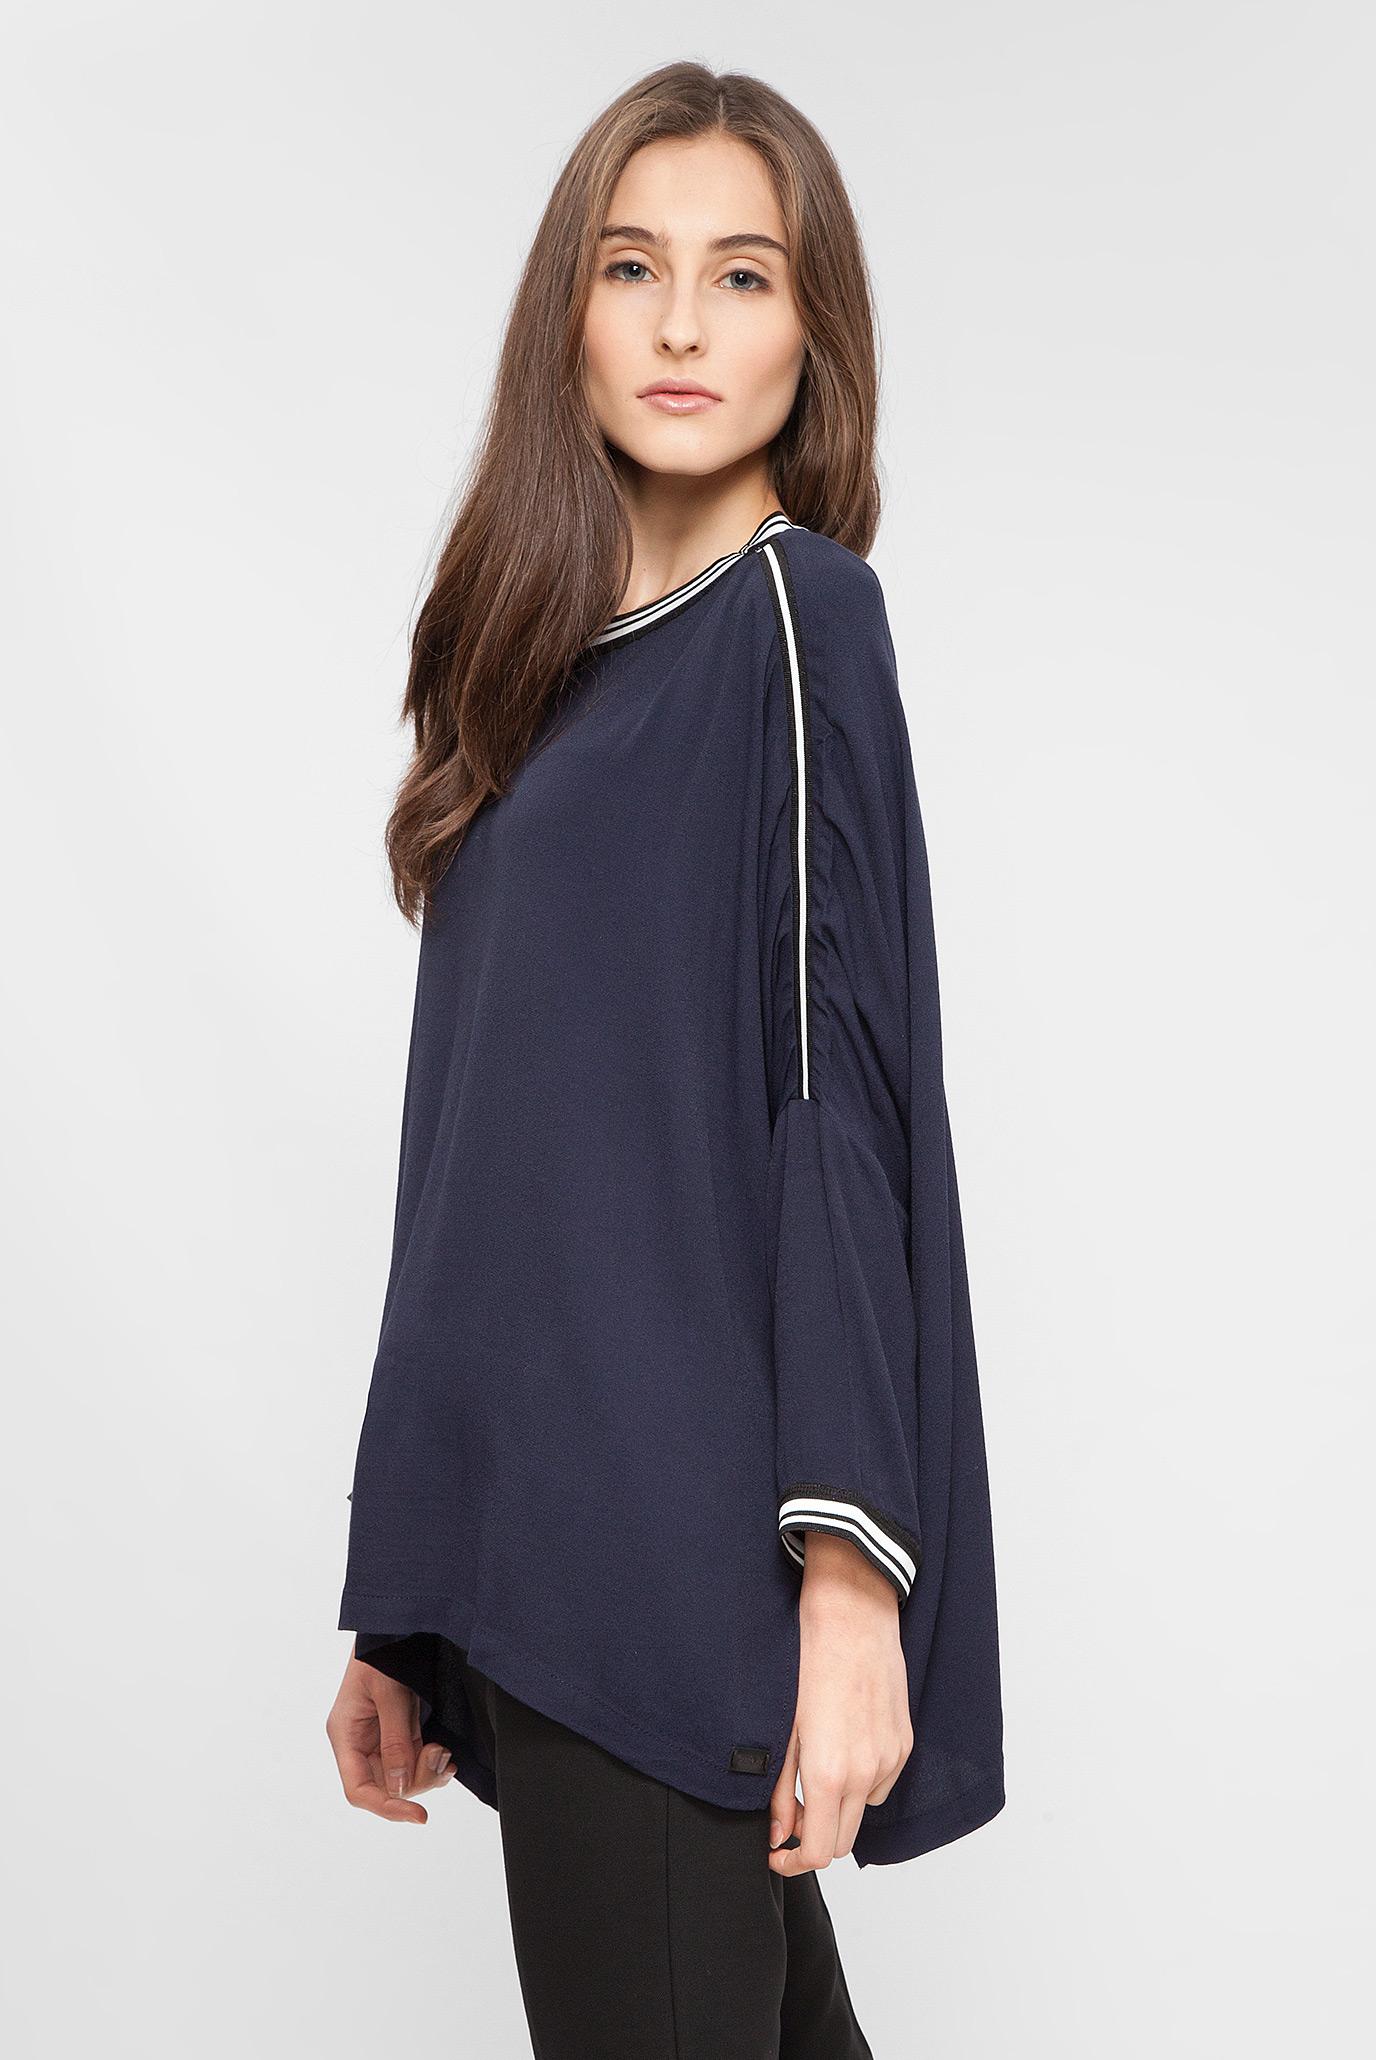 Купить Женская темно-синяя блуза Replay Replay W2931 .000.82892 – Киев, Украина. Цены в интернет магазине MD Fashion